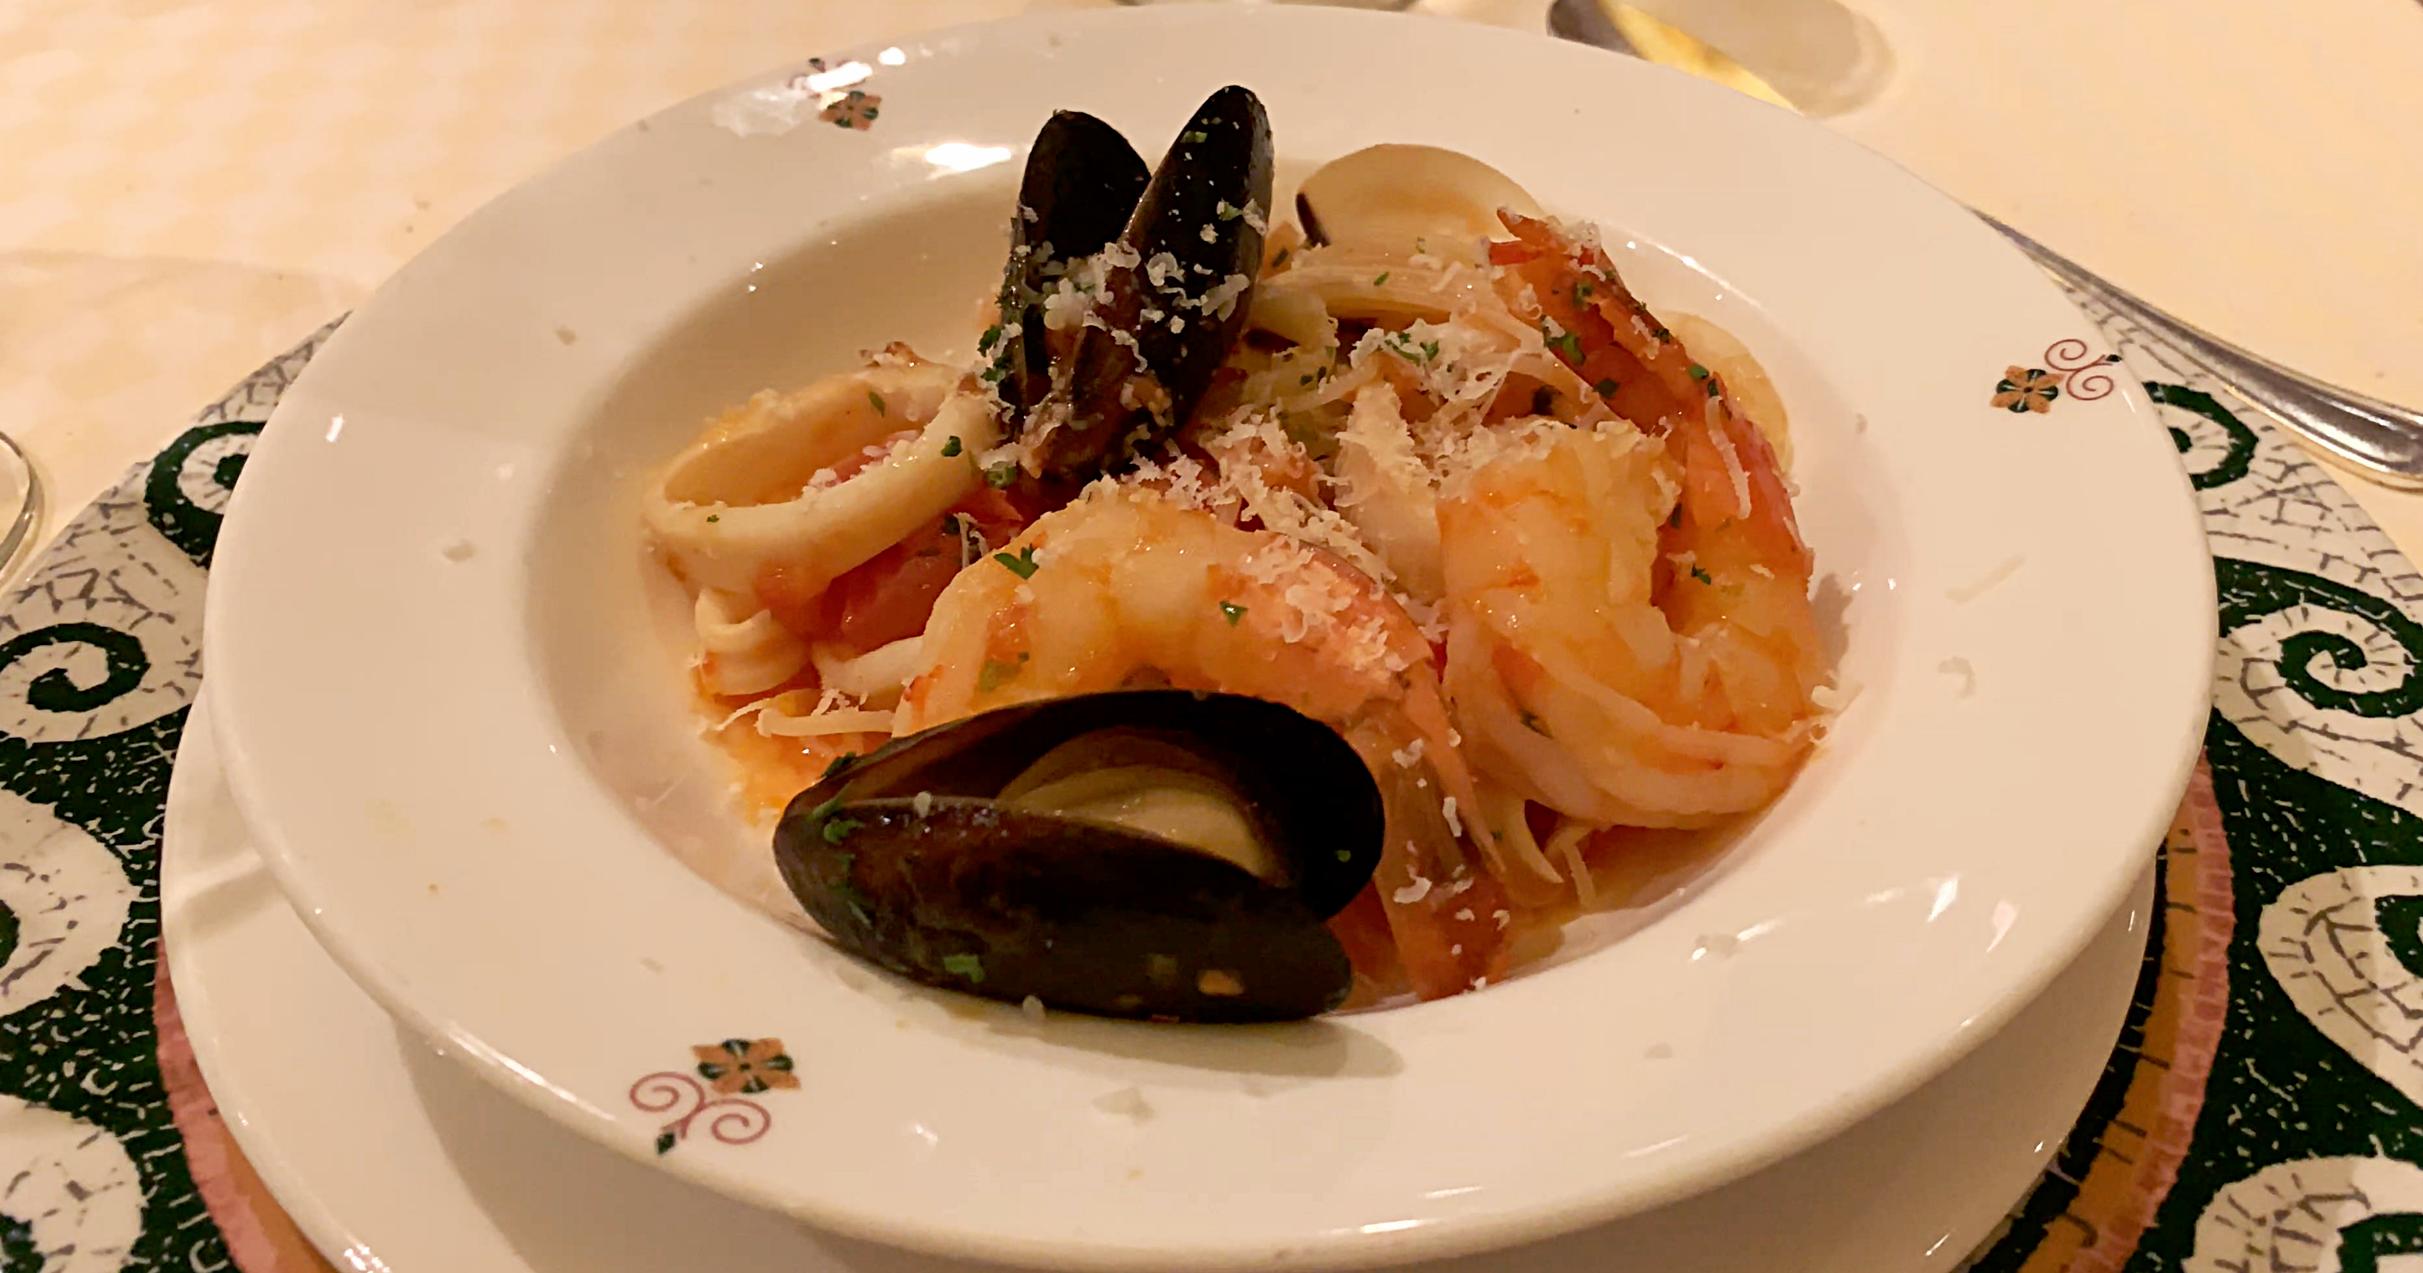 Sabatinis seafood linguine.